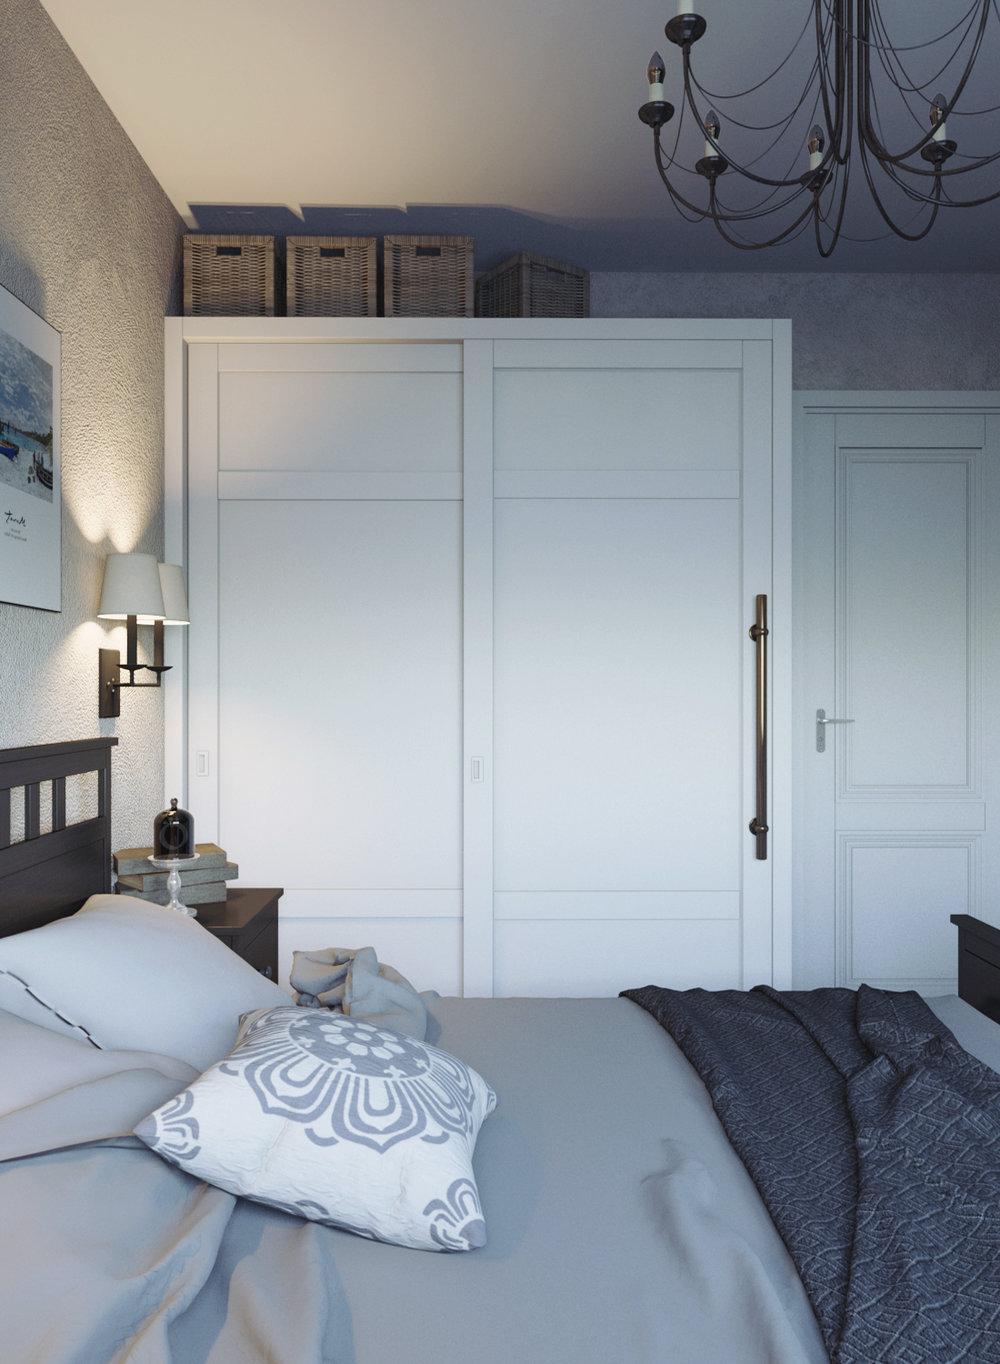 26_Bedroom_1 floor.jpg